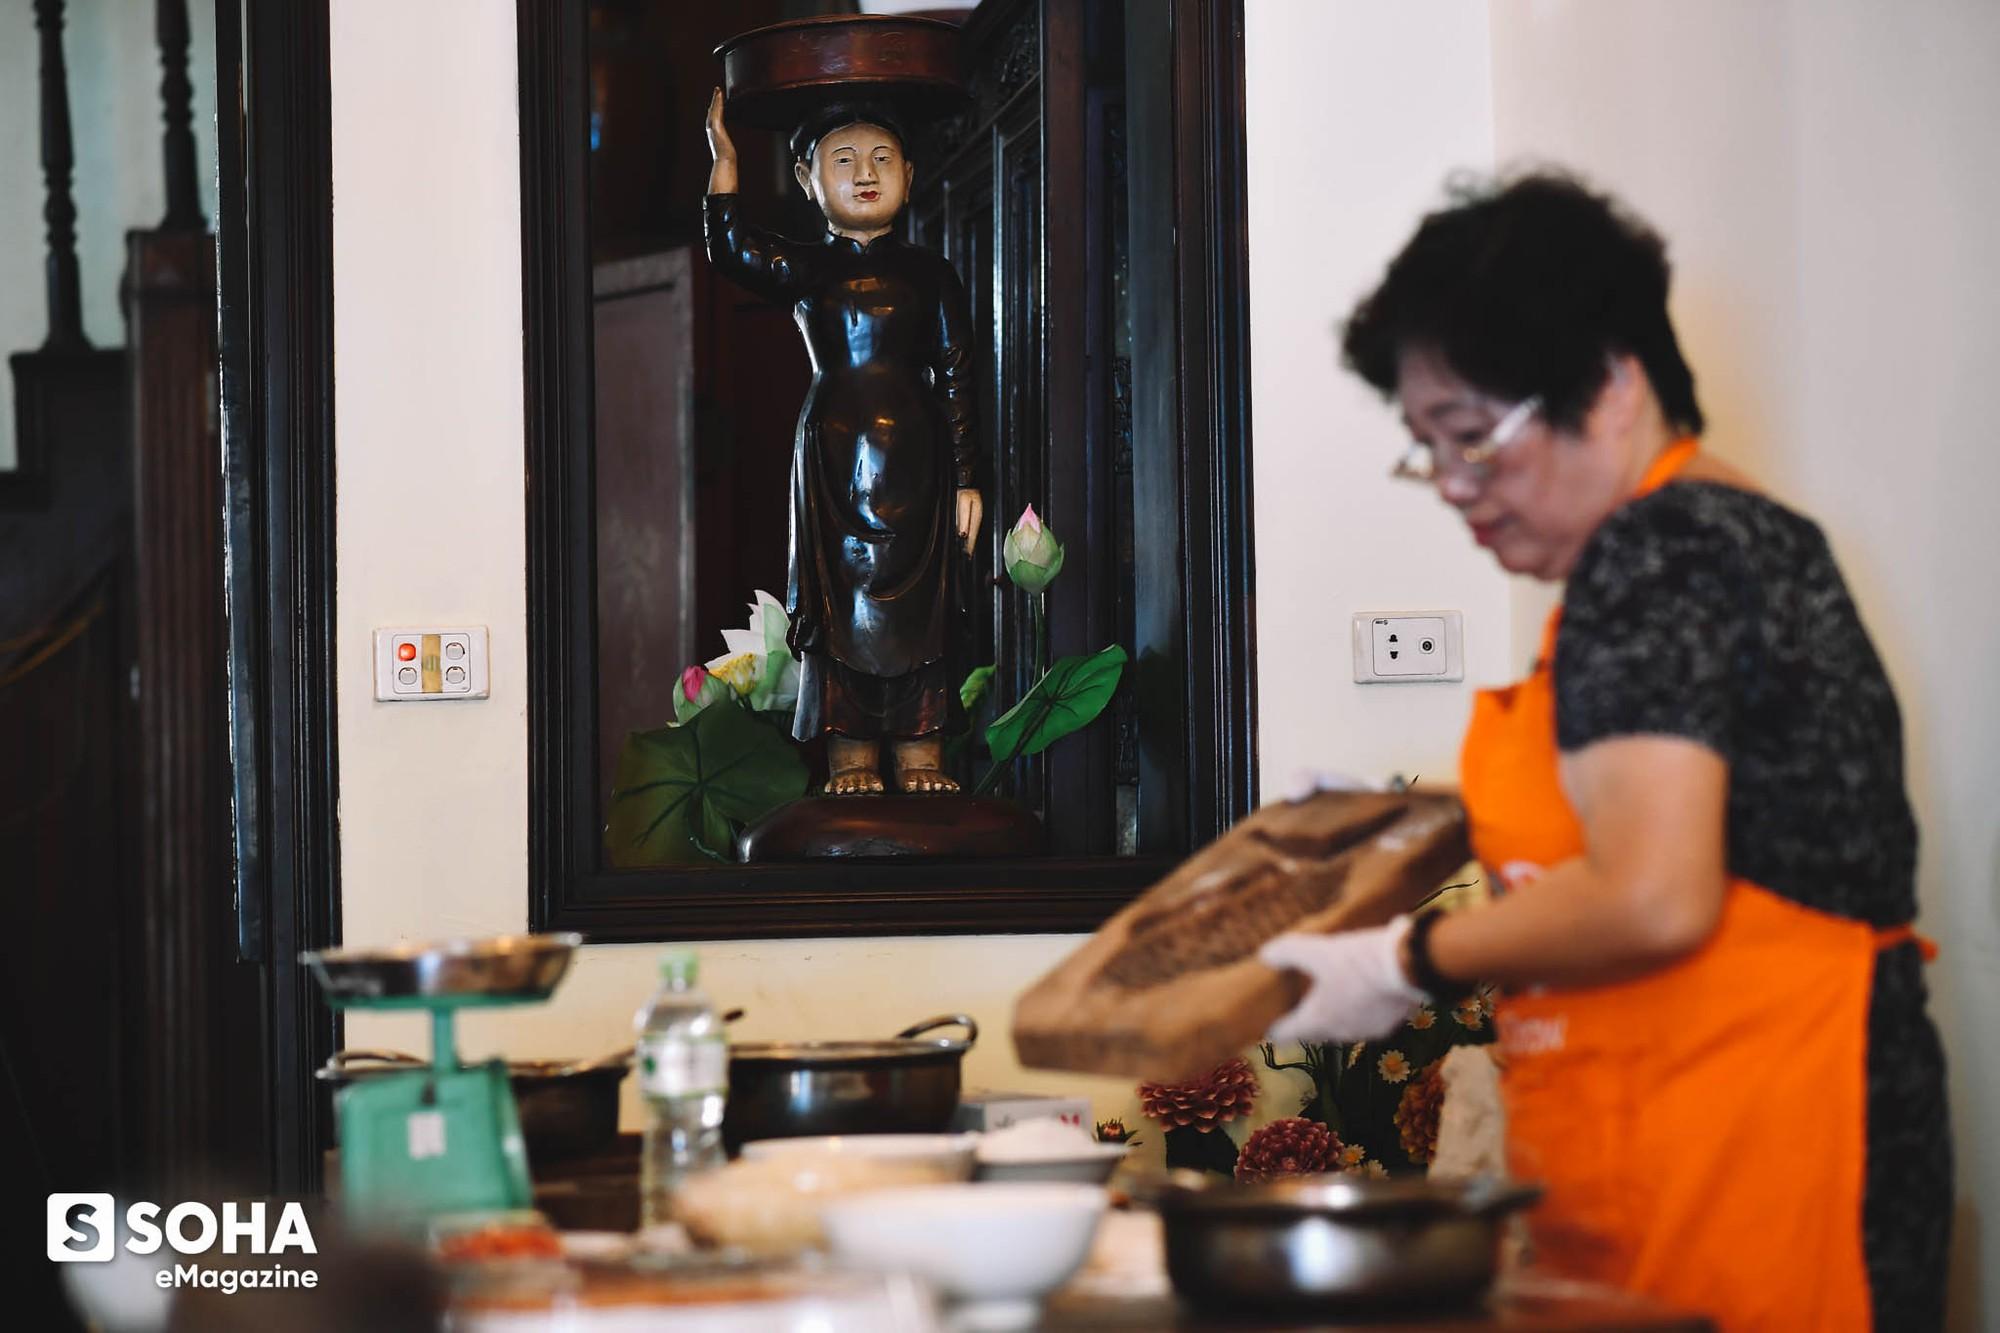 Nghệ nhân Ánh Tuyết: Bánh Trung Thu hơn hẳn Trung Quốc, Thái Lan, chỉ có điều người Việt khiêm tốn quá - Ảnh 15.